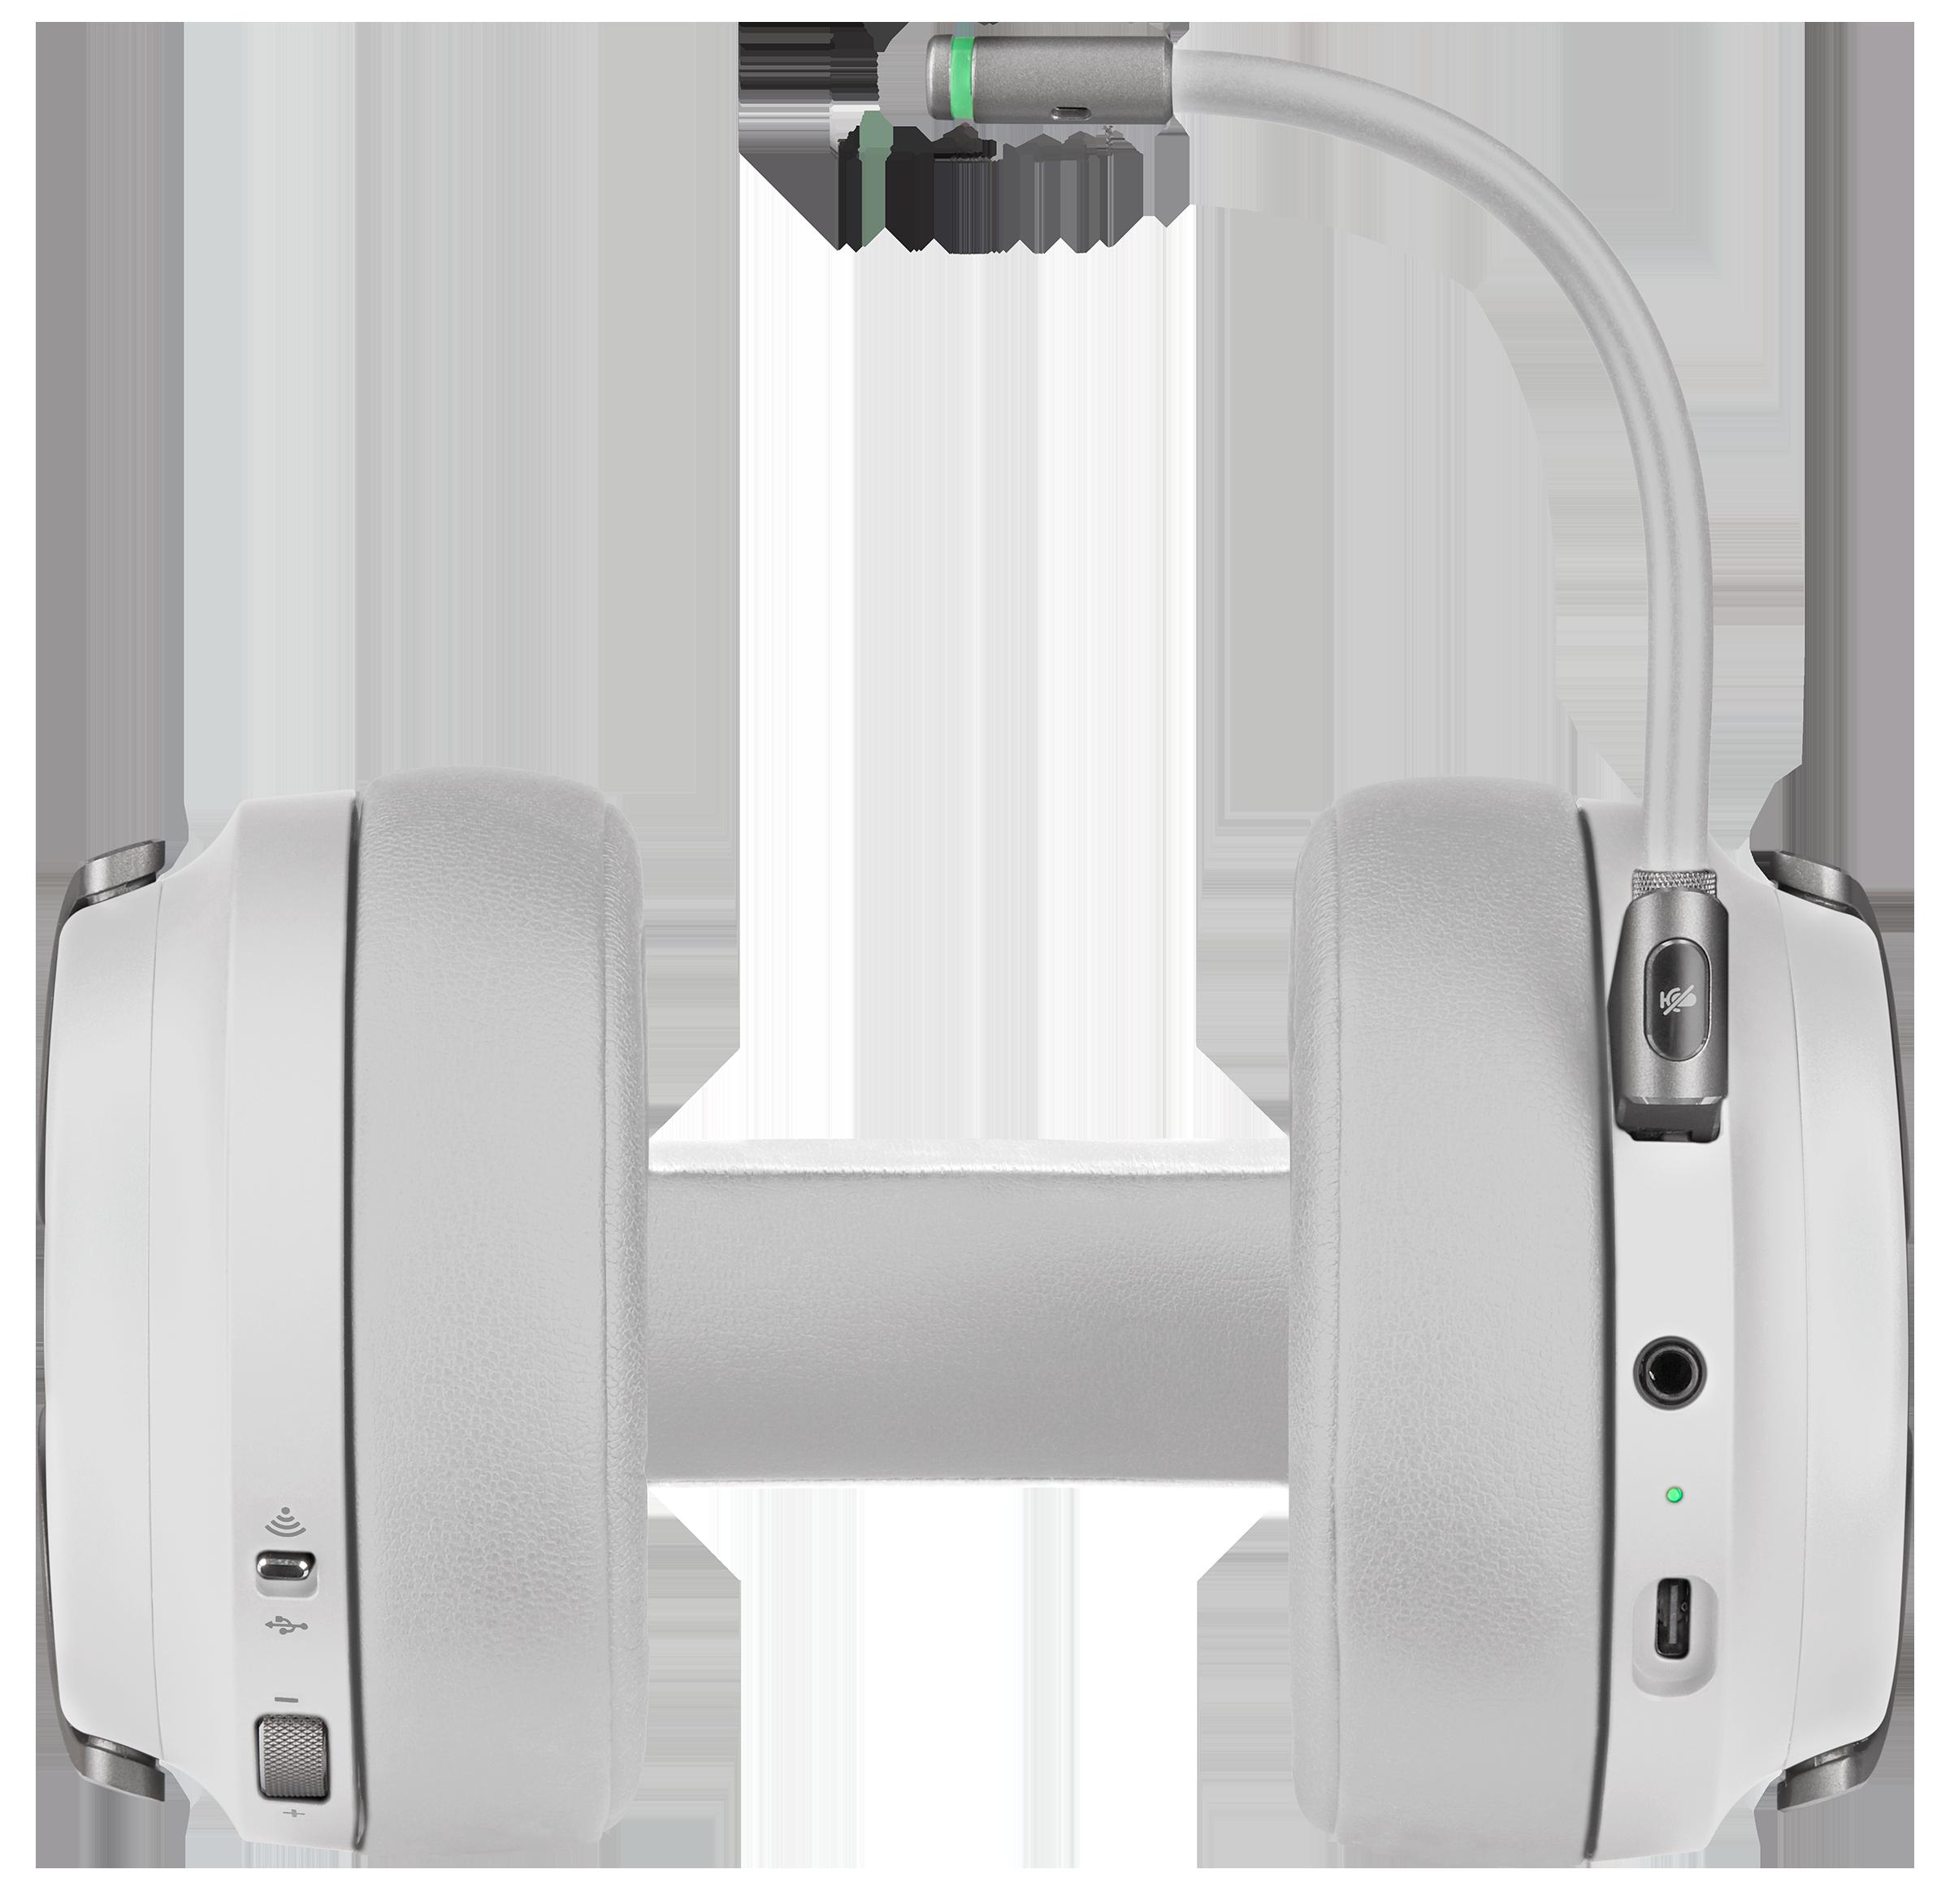 Corsair Virtuoso RGB Wireless White